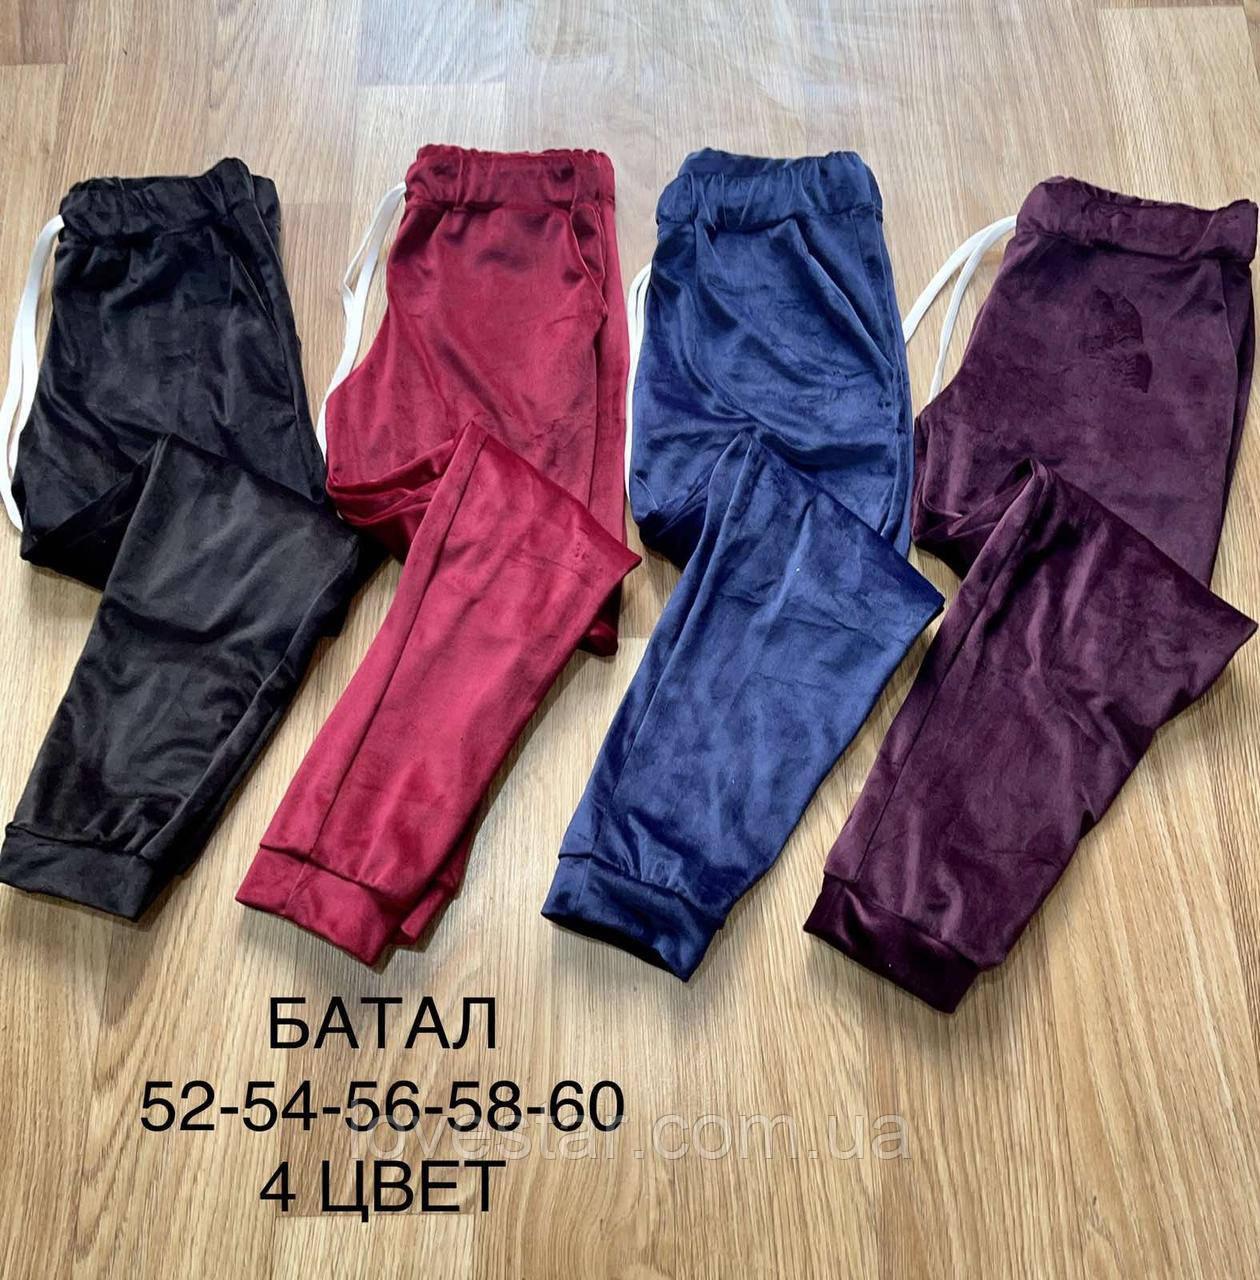 Жіночі спортивні штани Батал 52-60